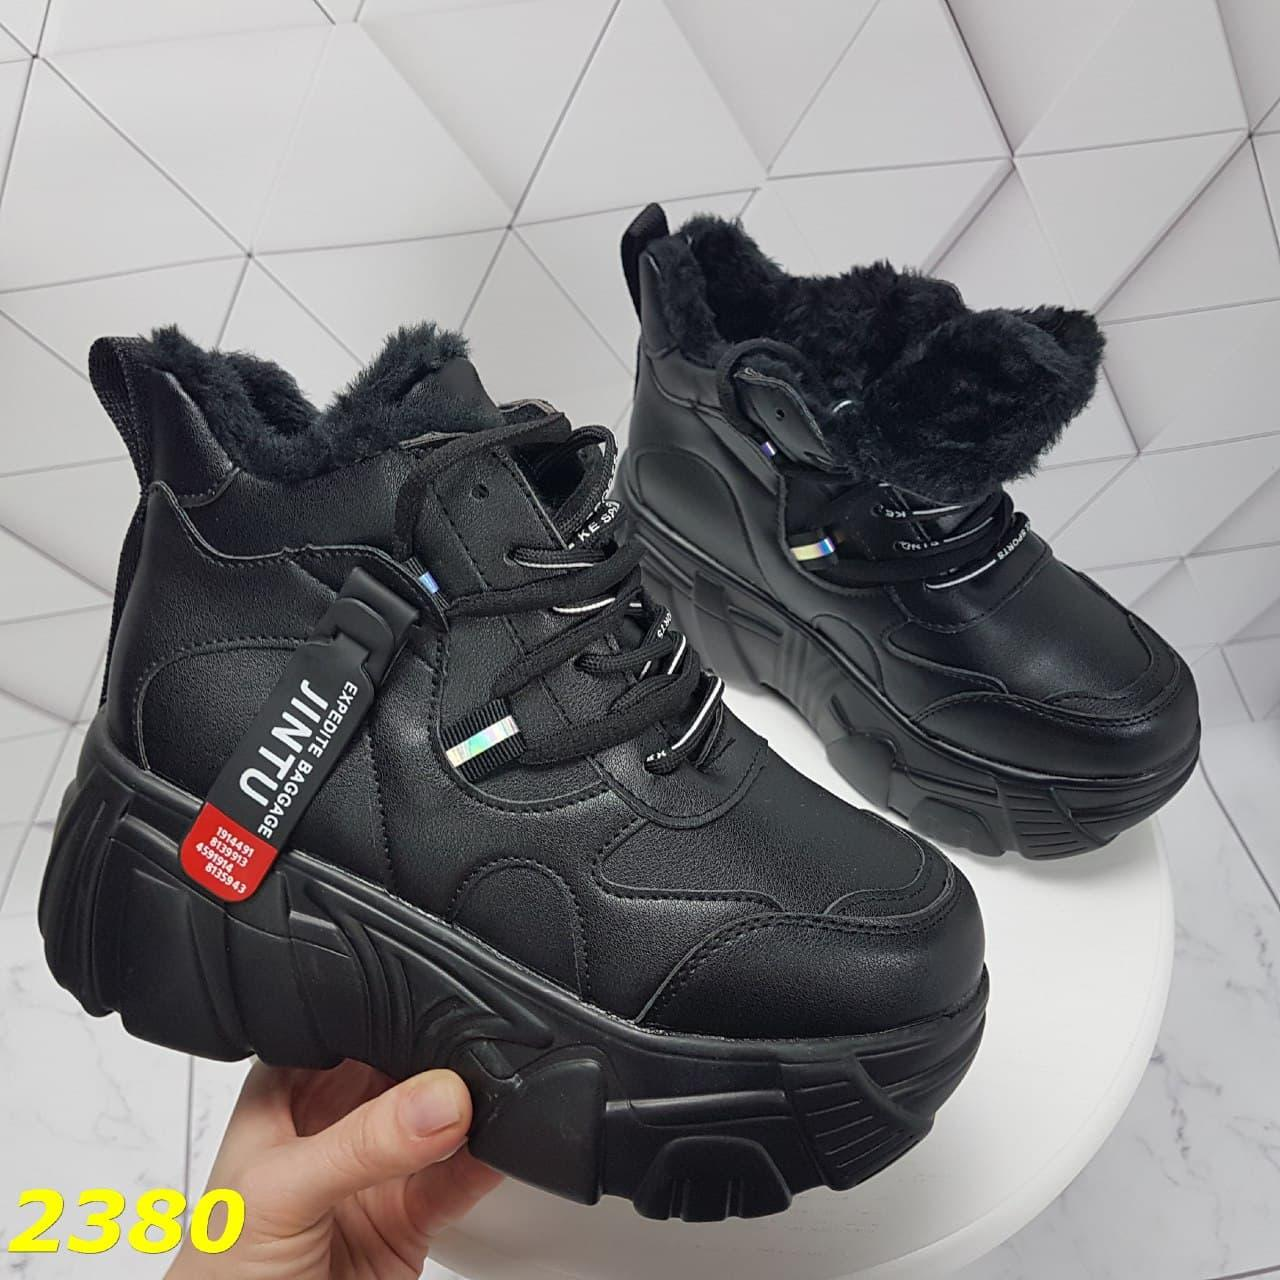 Зимние теплые стильные кроссовки на меху черного цвета SL-2380